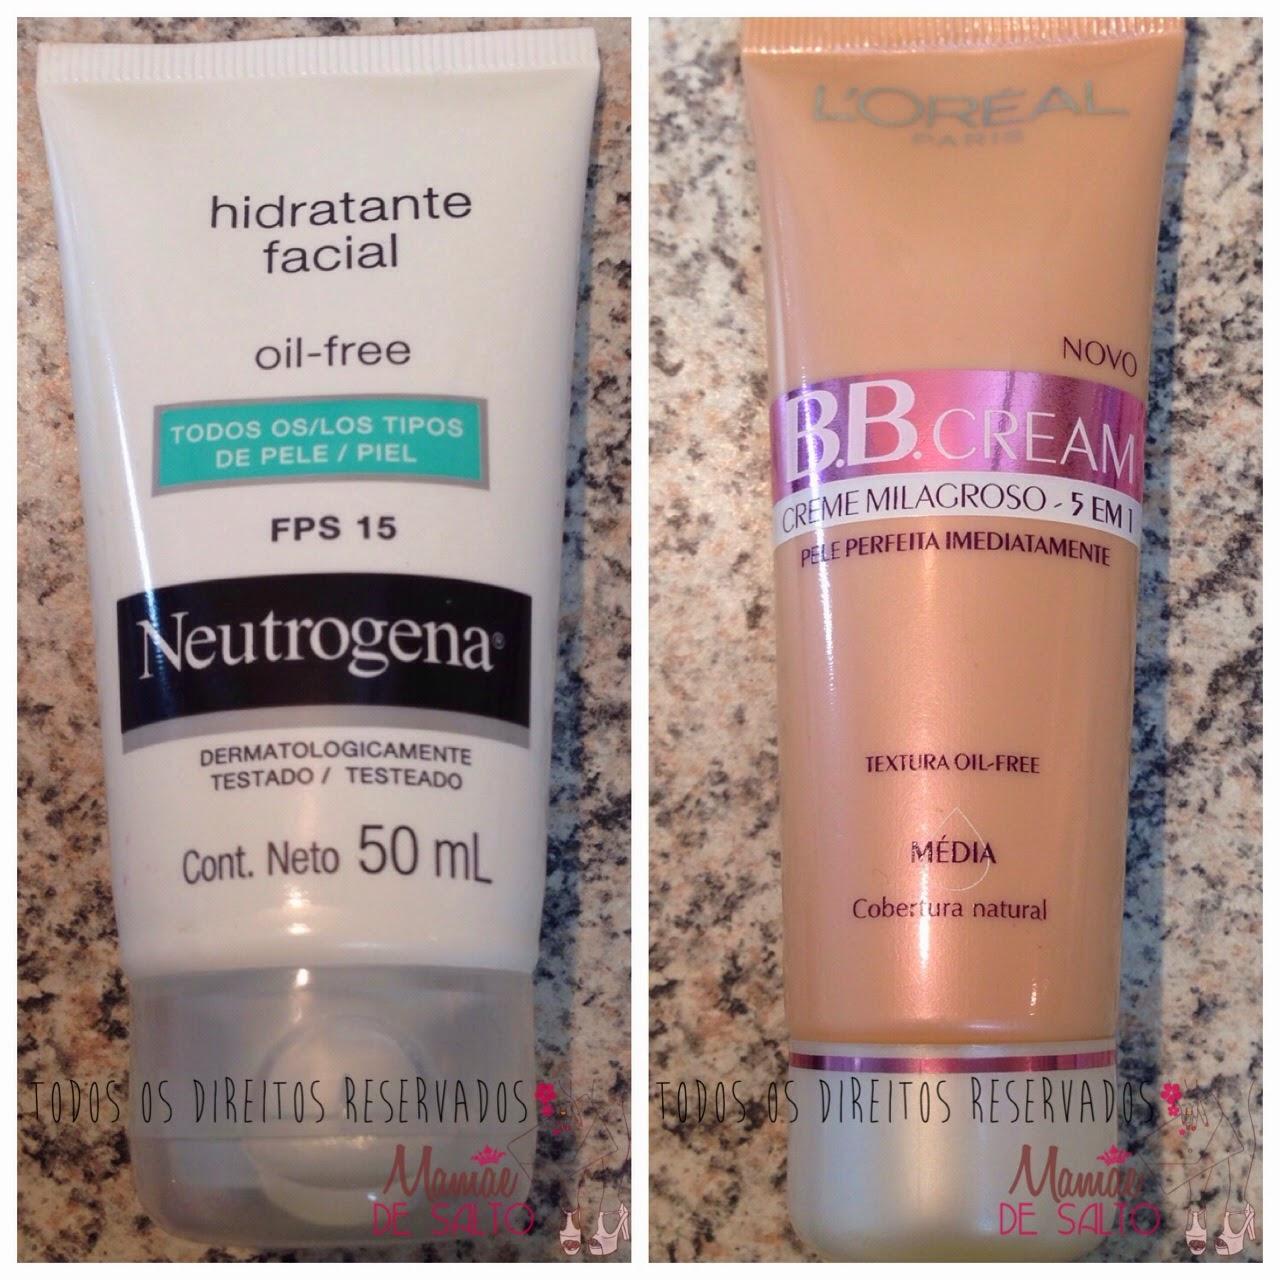 hidratante facial neutrogena oil free todos os tipos de pele FPS 15, BBCream Loreal  creme milagroso 5 em 1 - todos os direitos reservados ao blog Mamãe de Salto